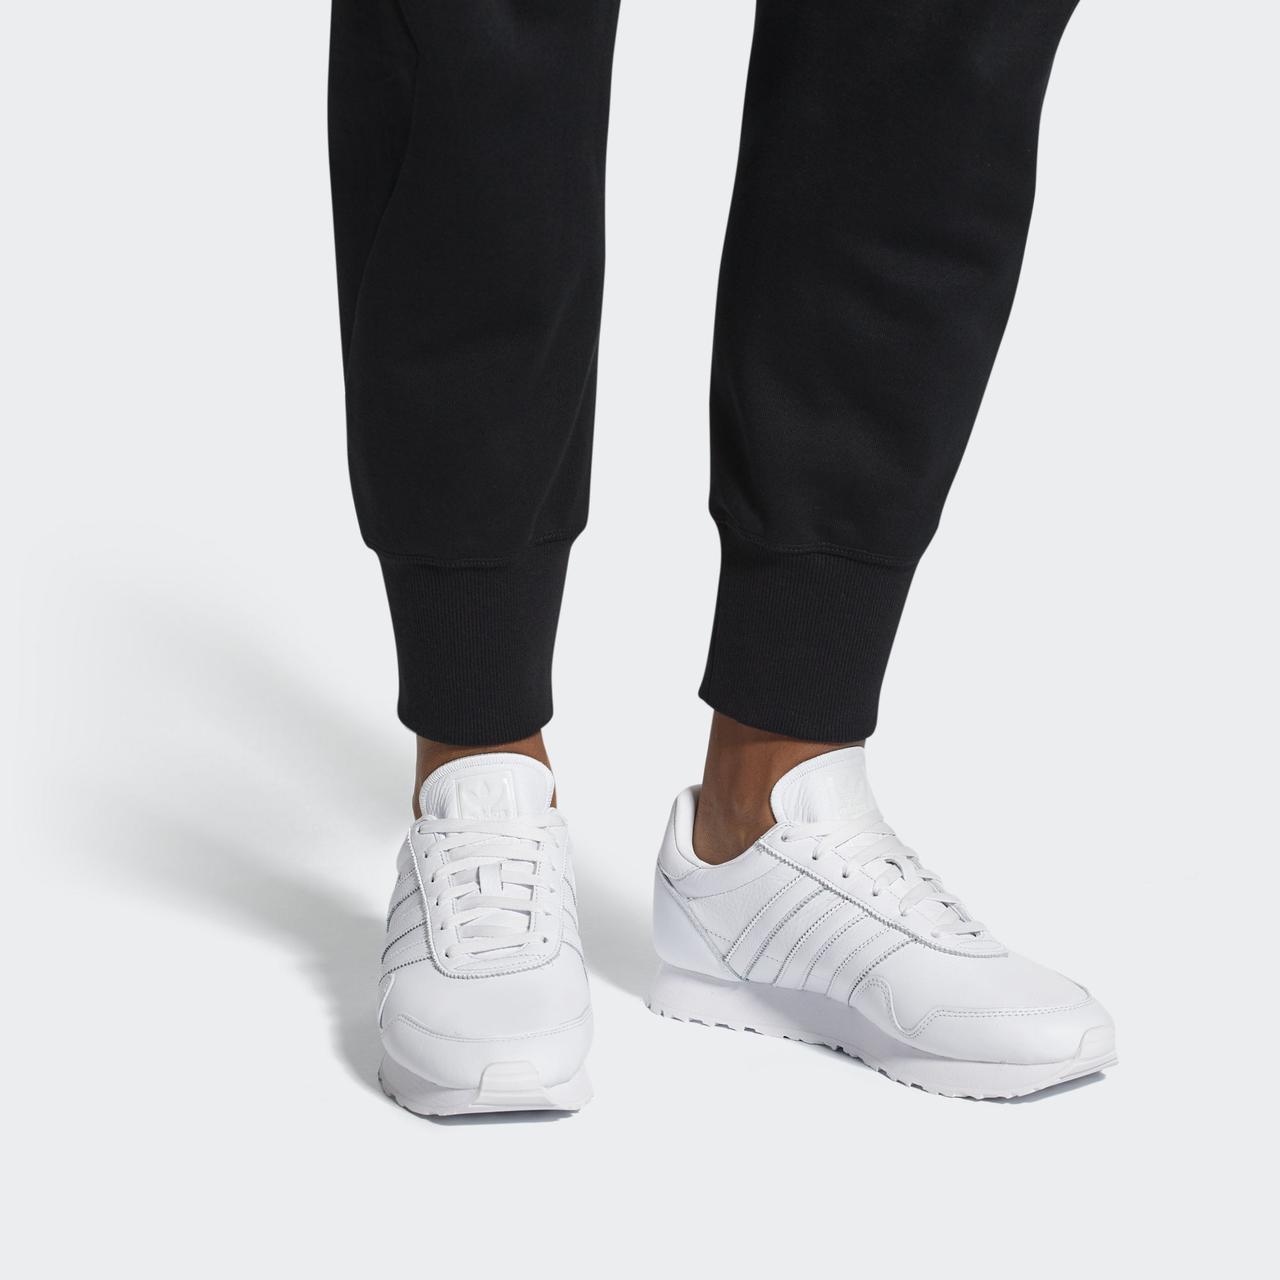 e2f449941 Купить Мужские кроссовки Adidas Originals Haven (Артикул: CQ3037) в ...